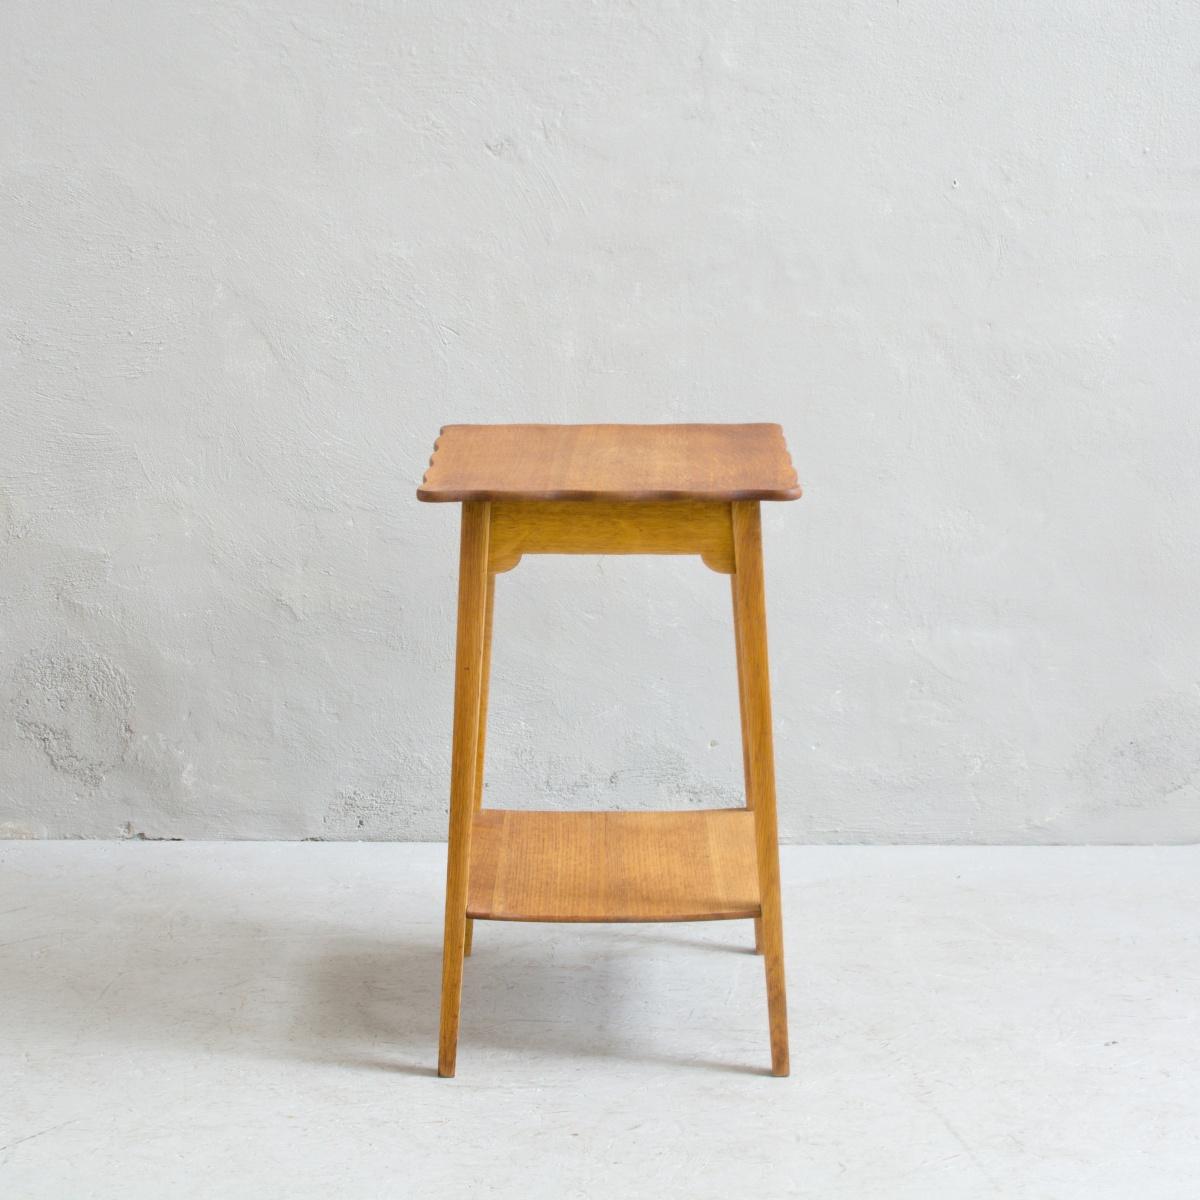 Prodej anglického nábytku anglický stolek